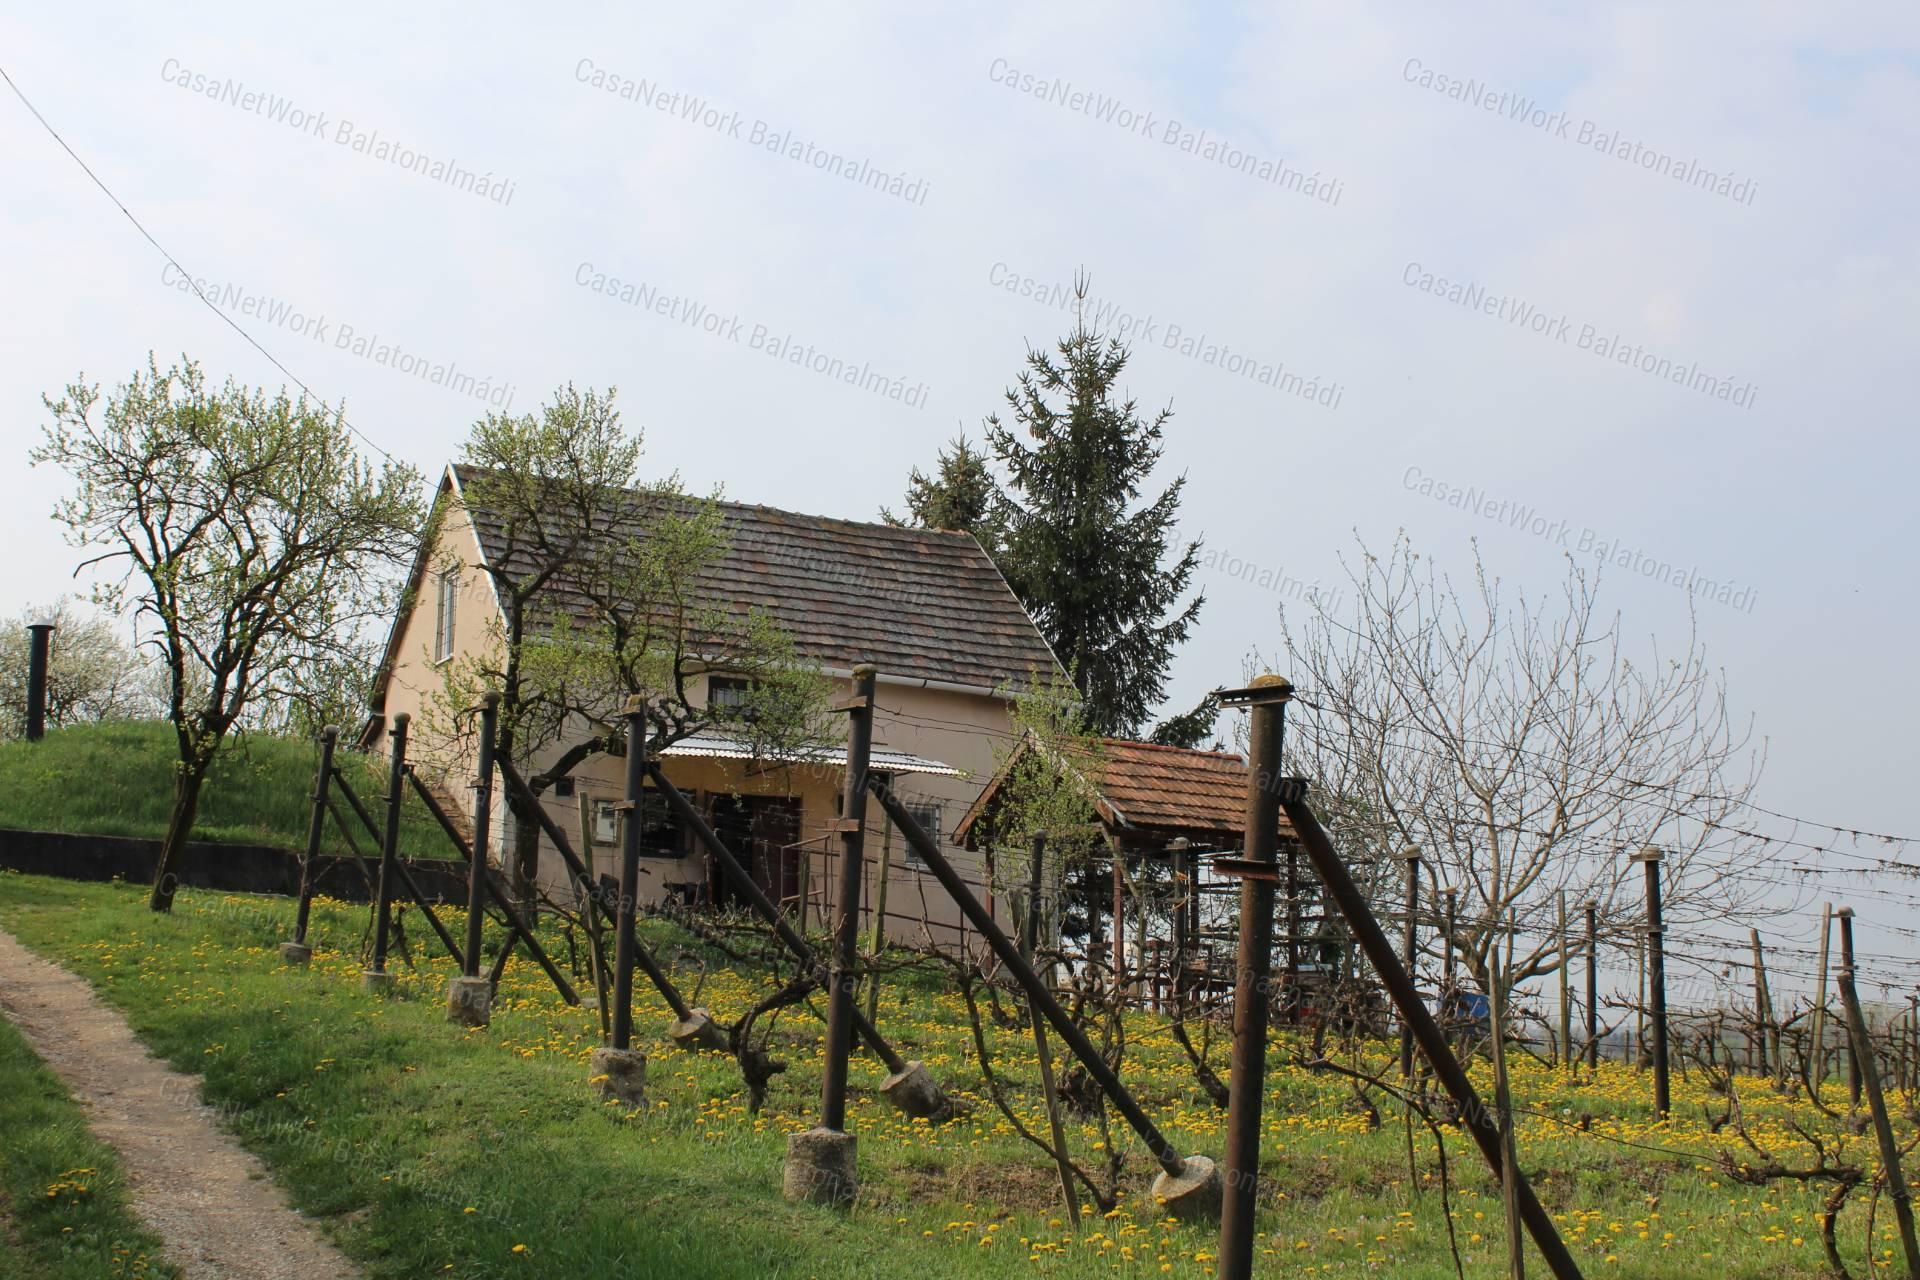 Eladó kert, gyümölcsös, Veszprém megye, Berhida - sz.: 163700846 - CasaNetWork.hu